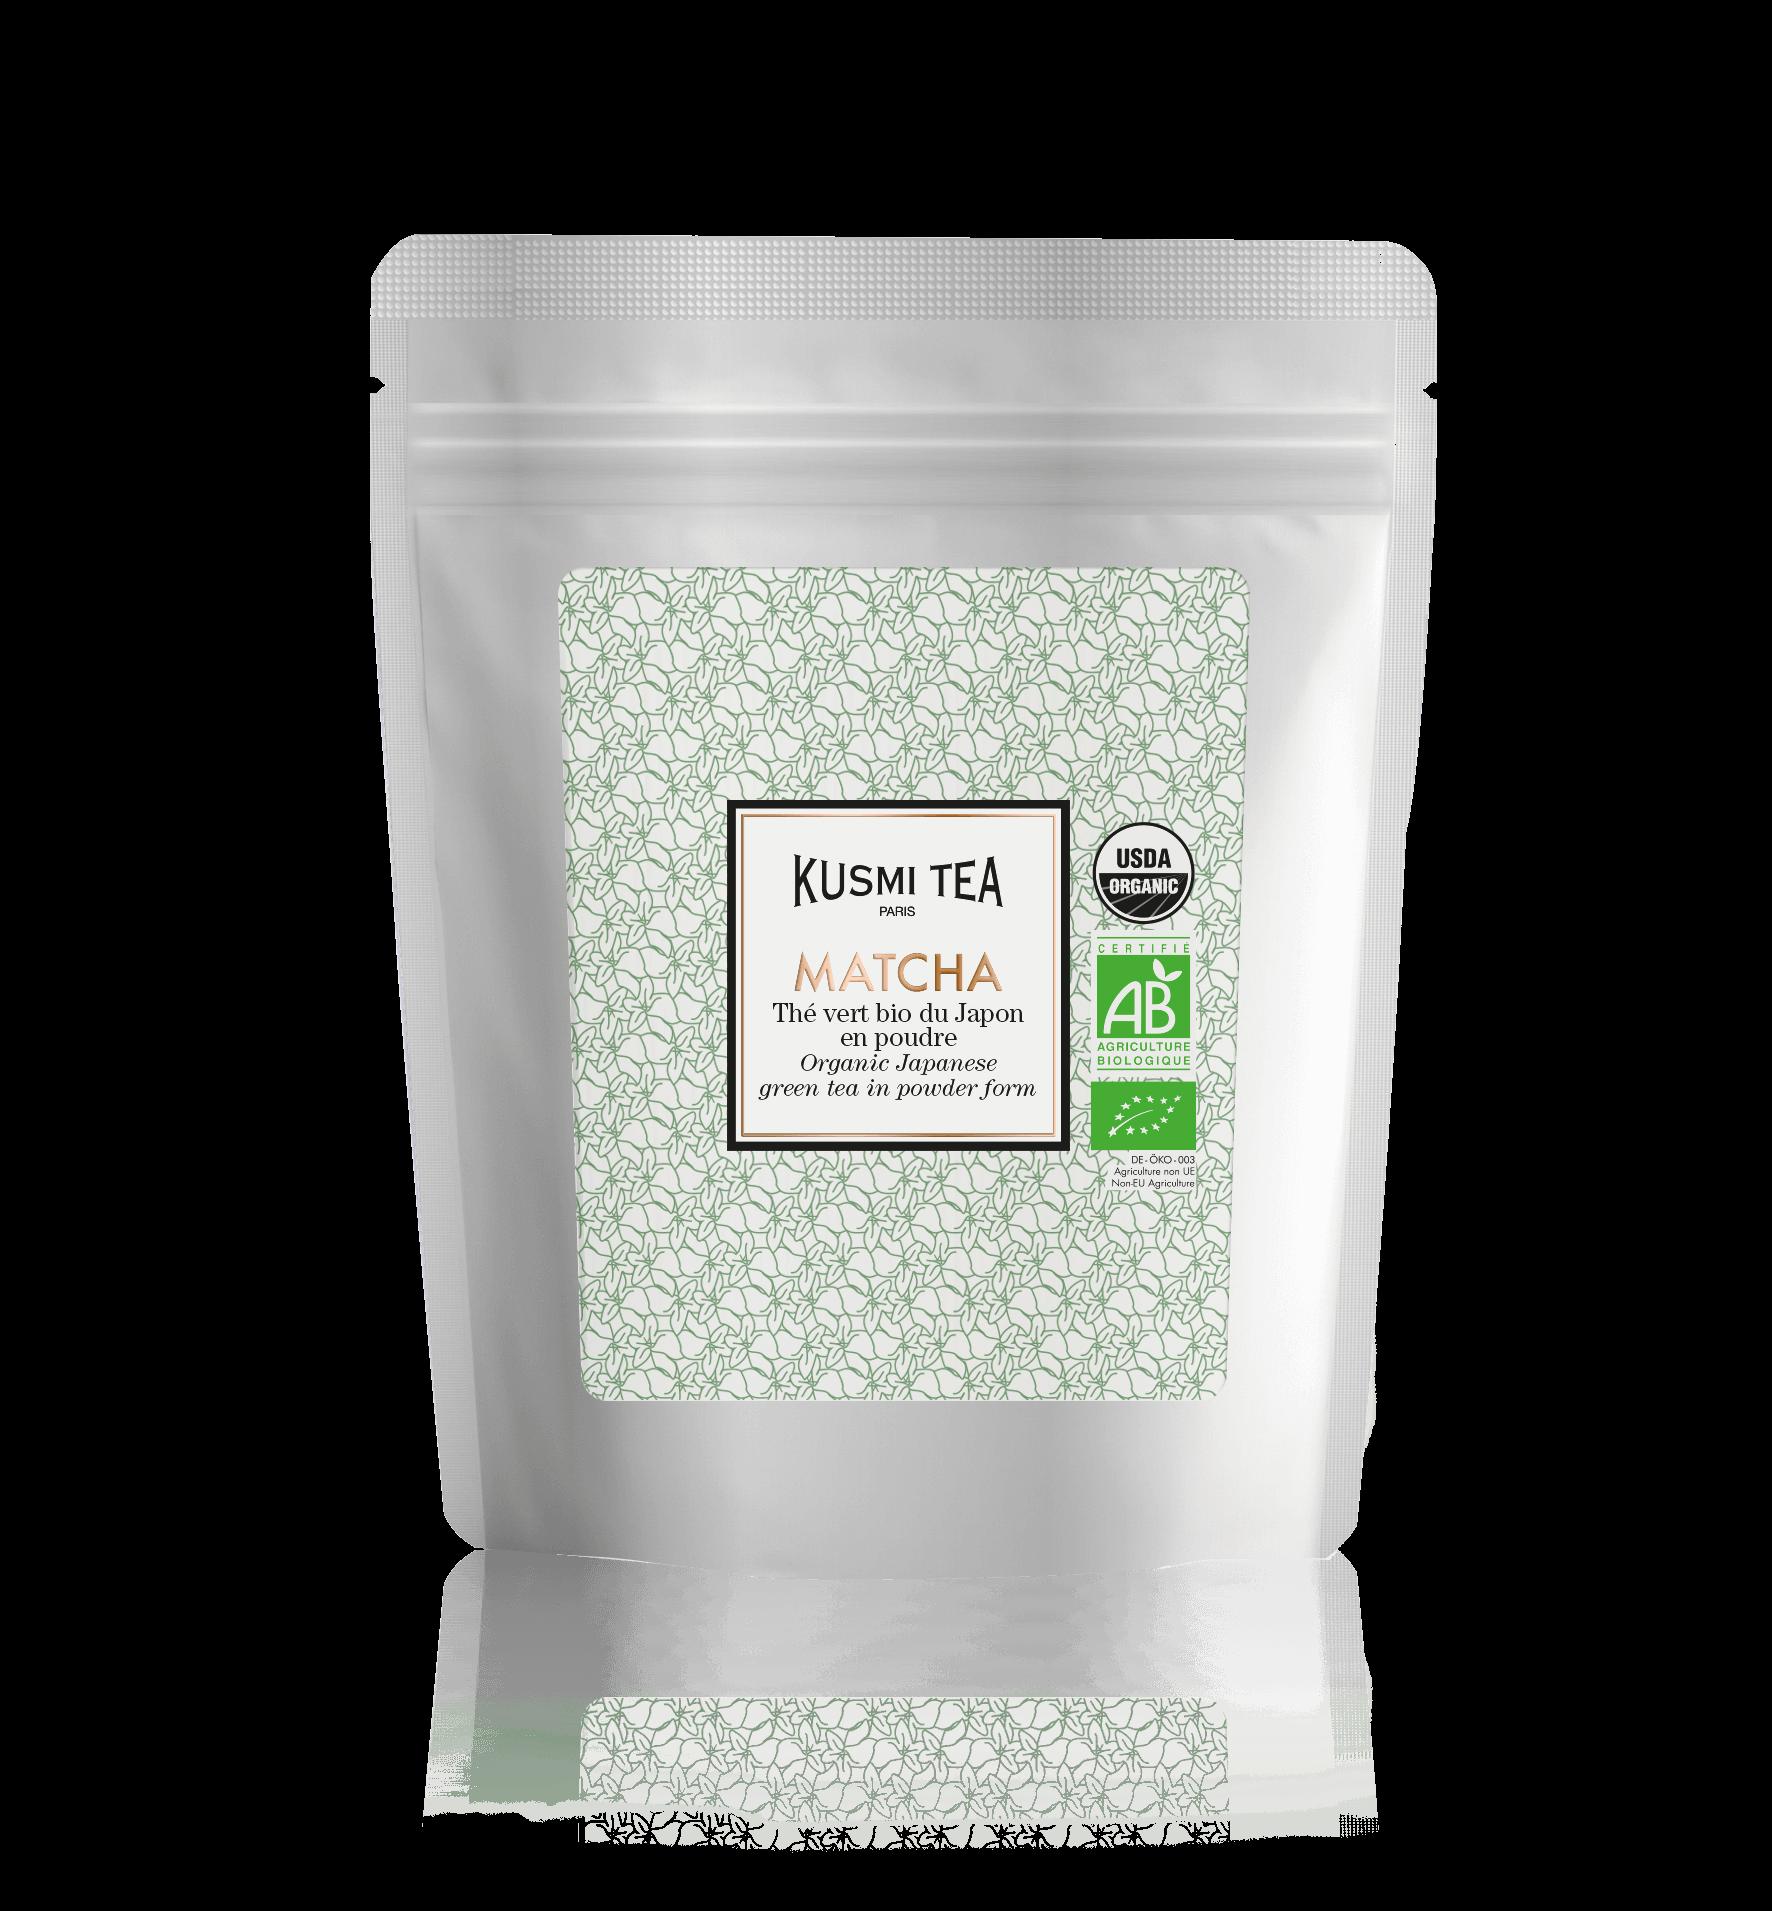 Matcha bio - Thé vert bio du Japon en poudre - Thé en vrac - Kusmi Tea